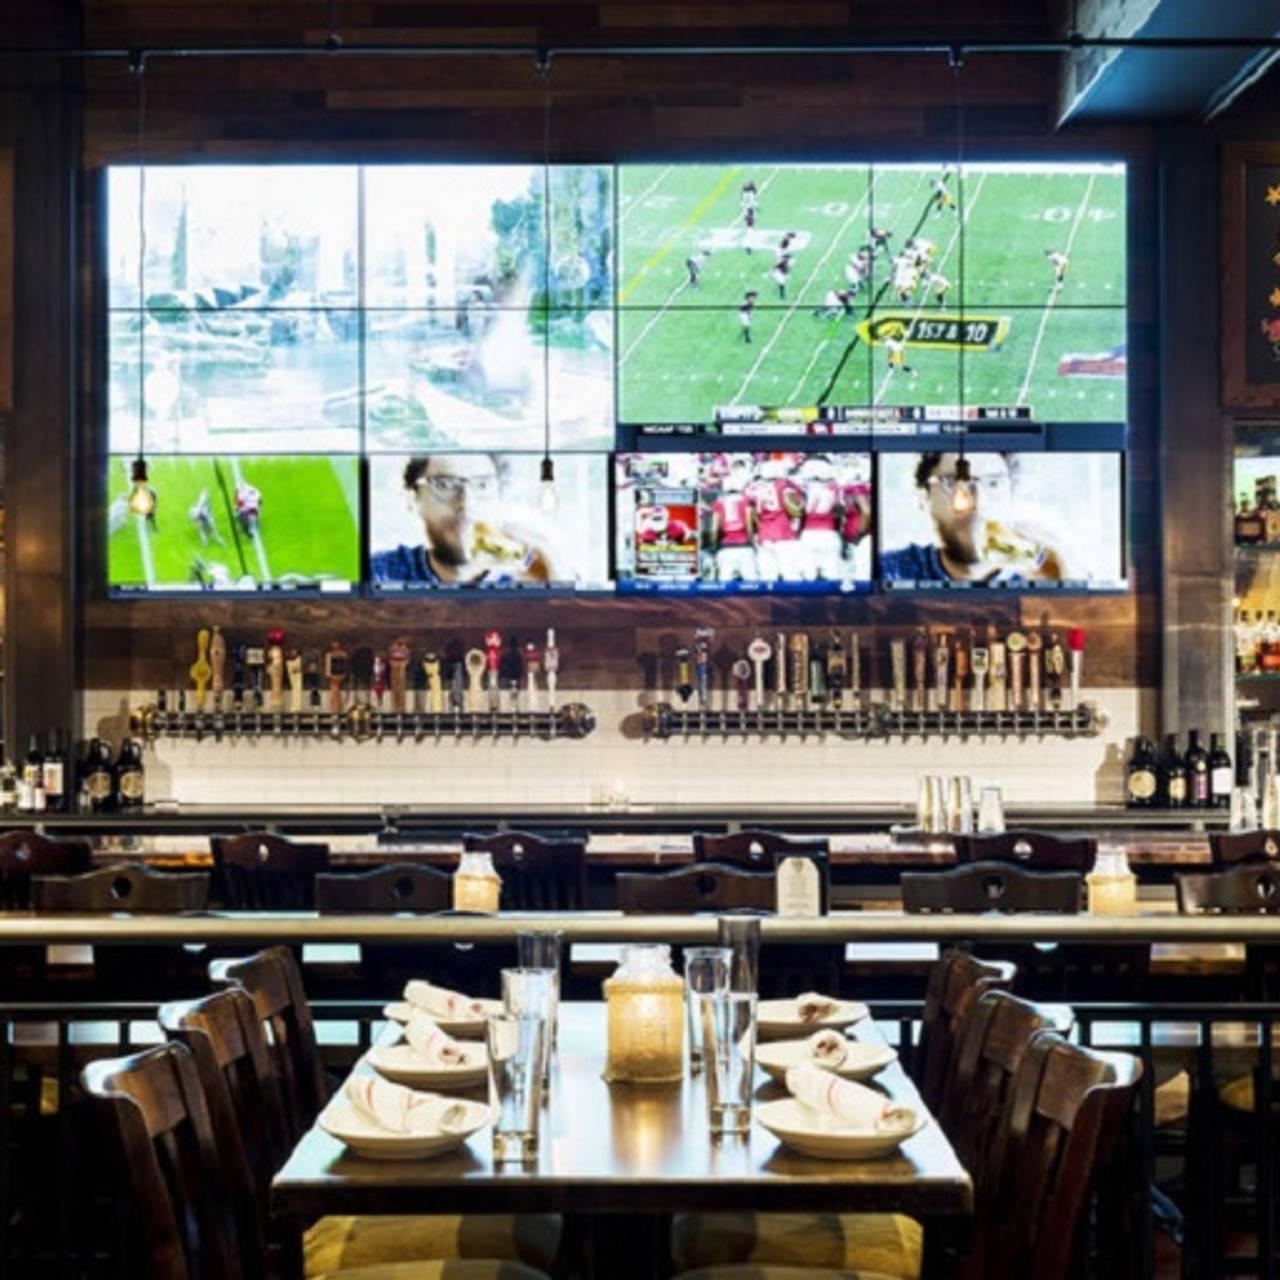 City Tap HouseNashville Restaurant Nashville TN OpenTable - Restaurant table advertising